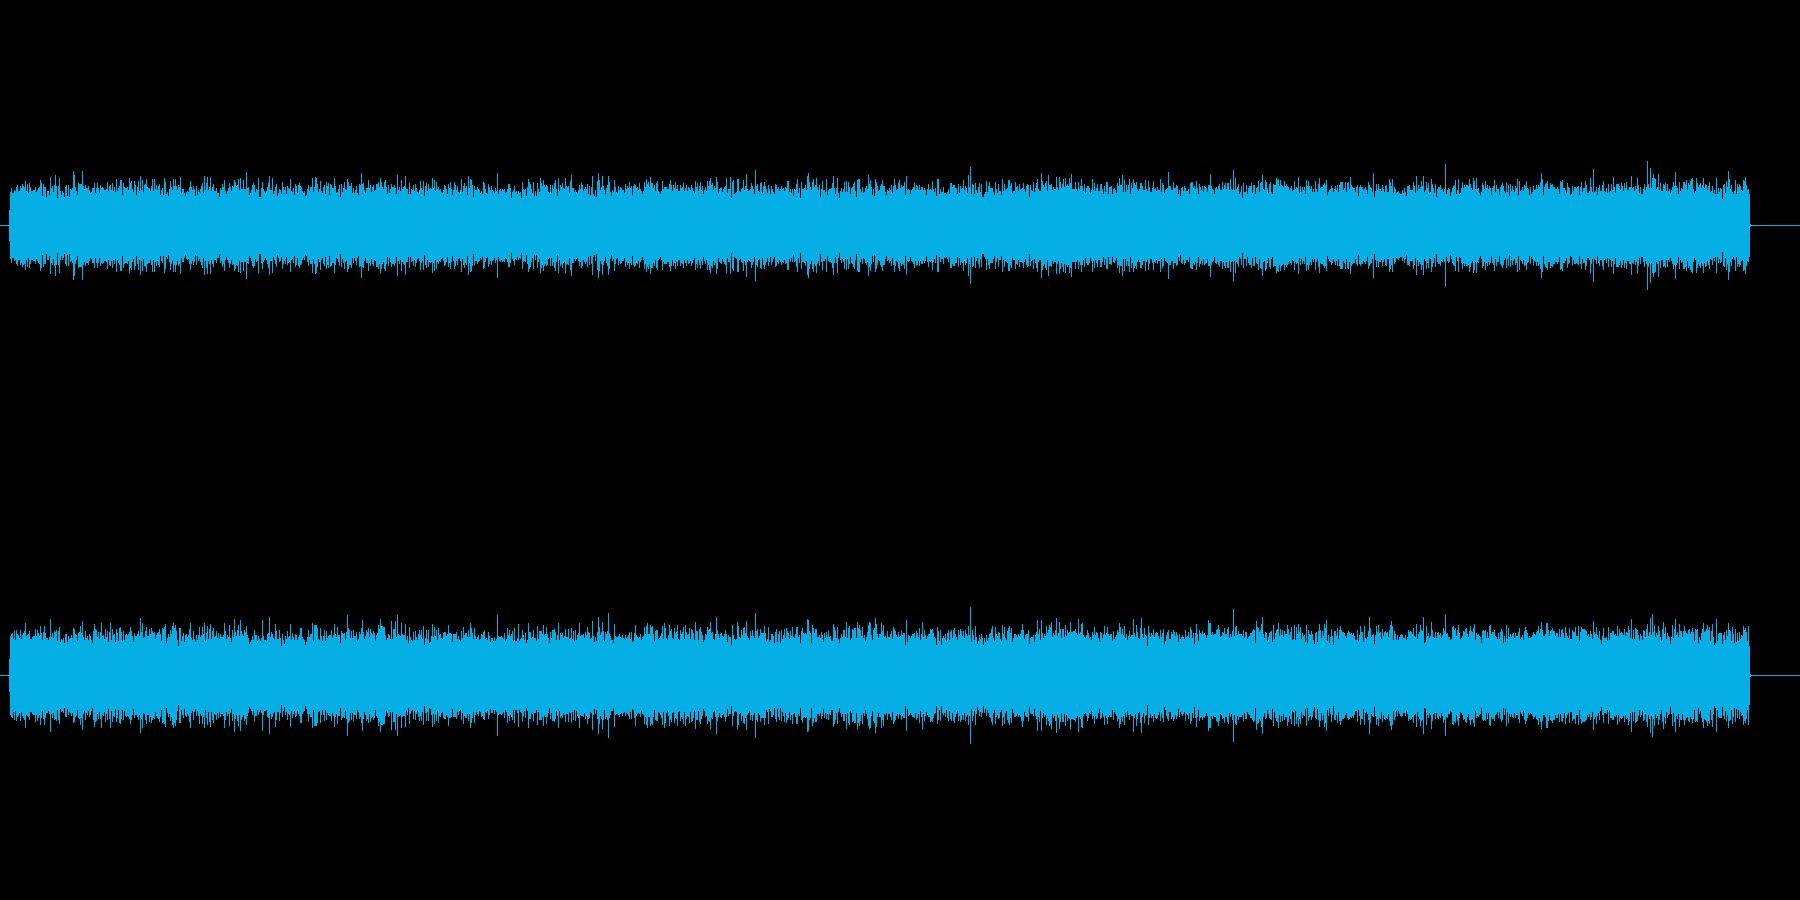 ザァーという空気清浄機や換気扇のダクト音の再生済みの波形